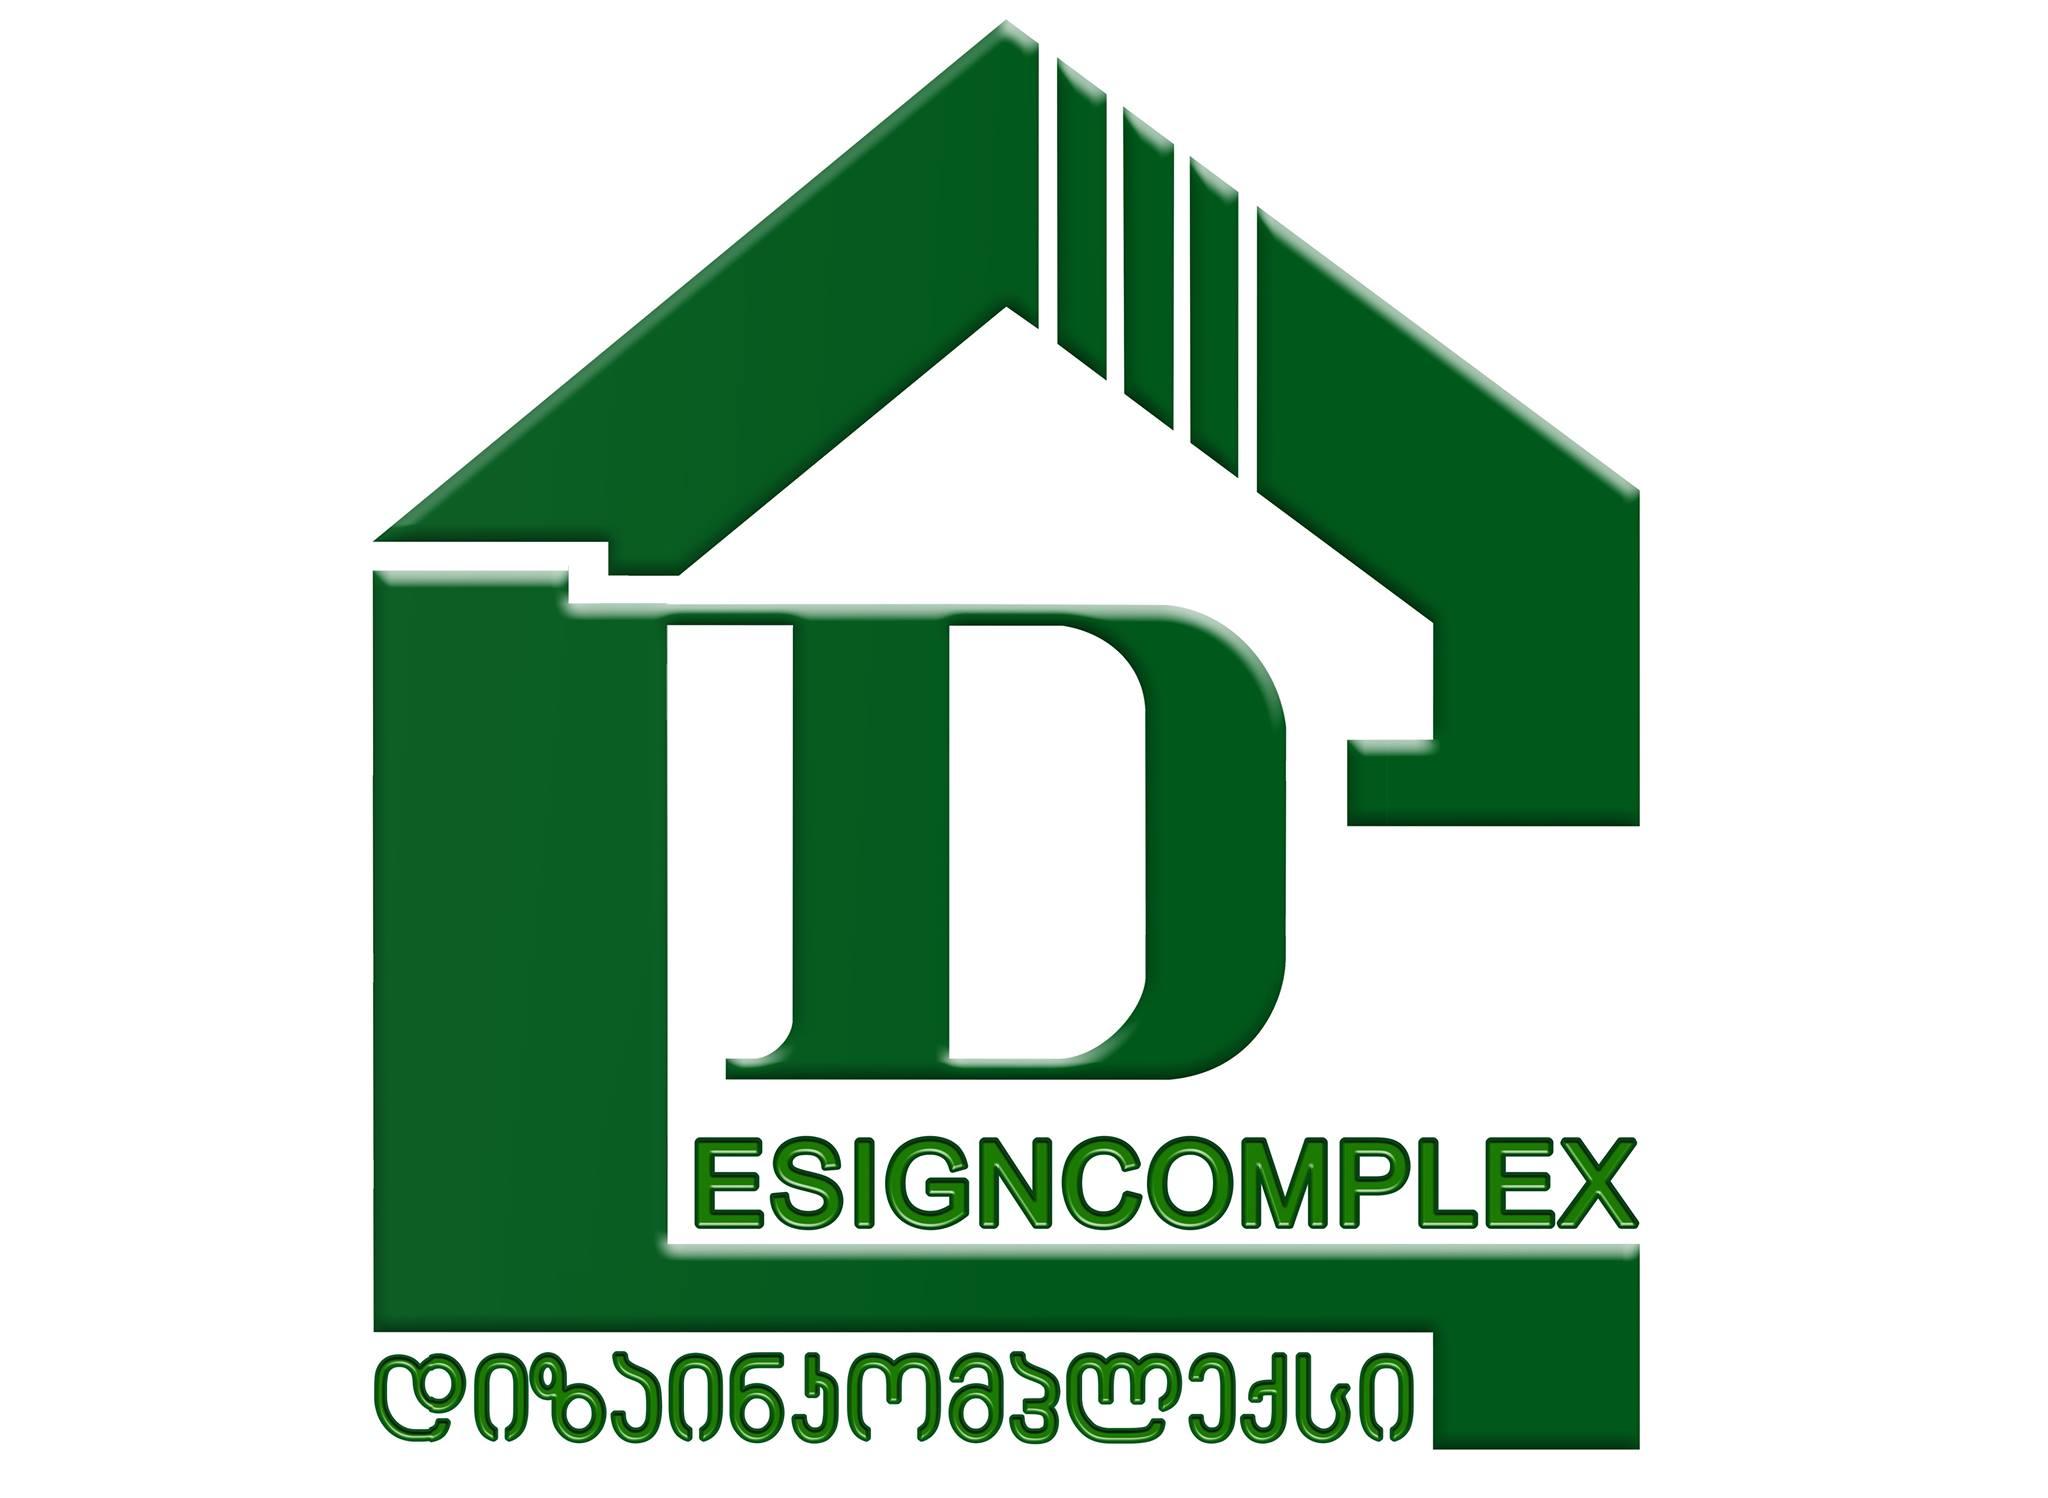 Design Complex